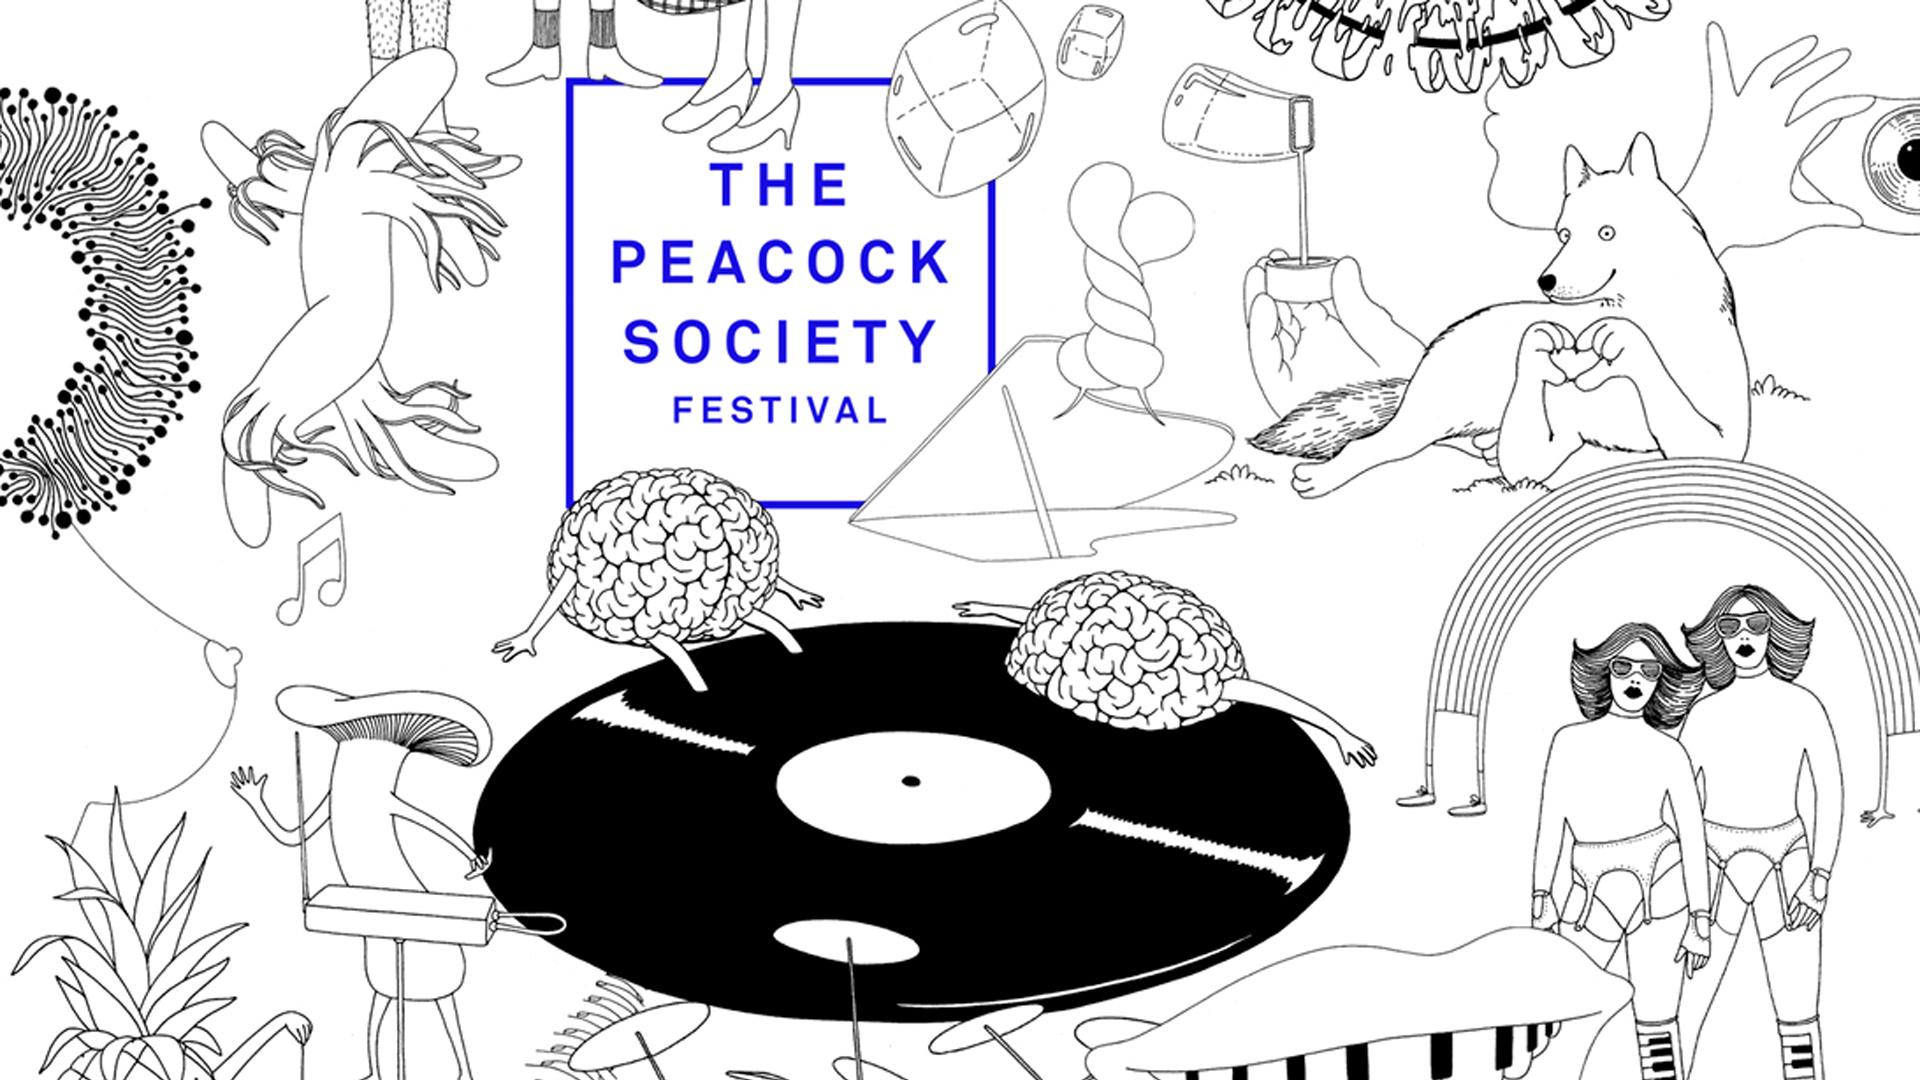 hébergement PEACOCK SOCIETY PARIS FESTIVAL auberge de jeunesse